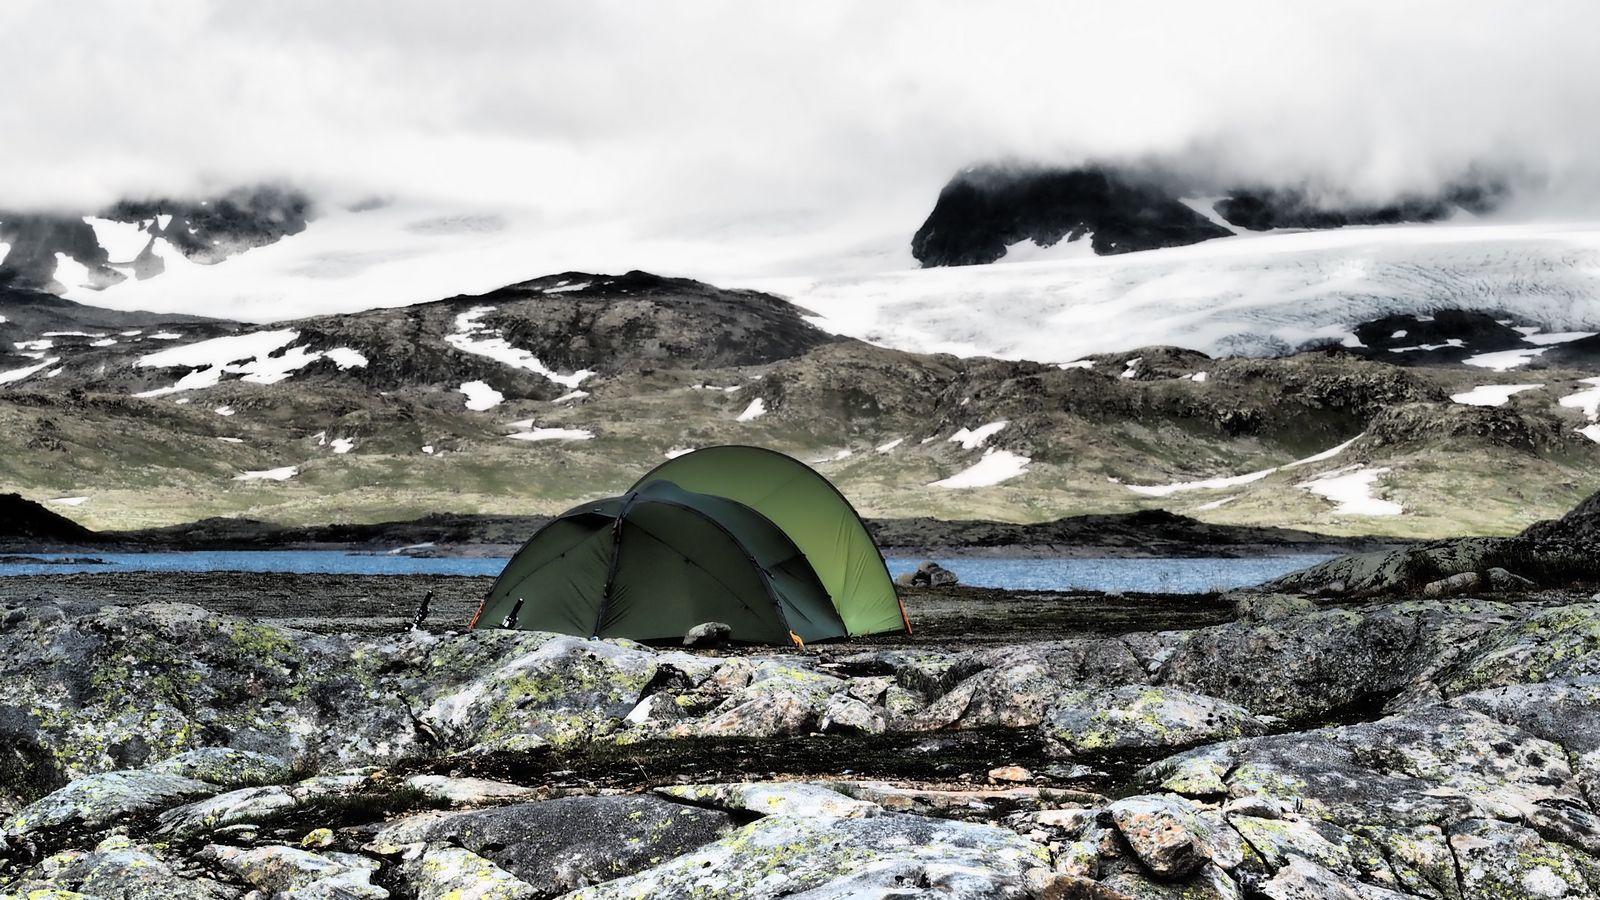 Die Zeltnächte in den Bergen sind frisch und einsam